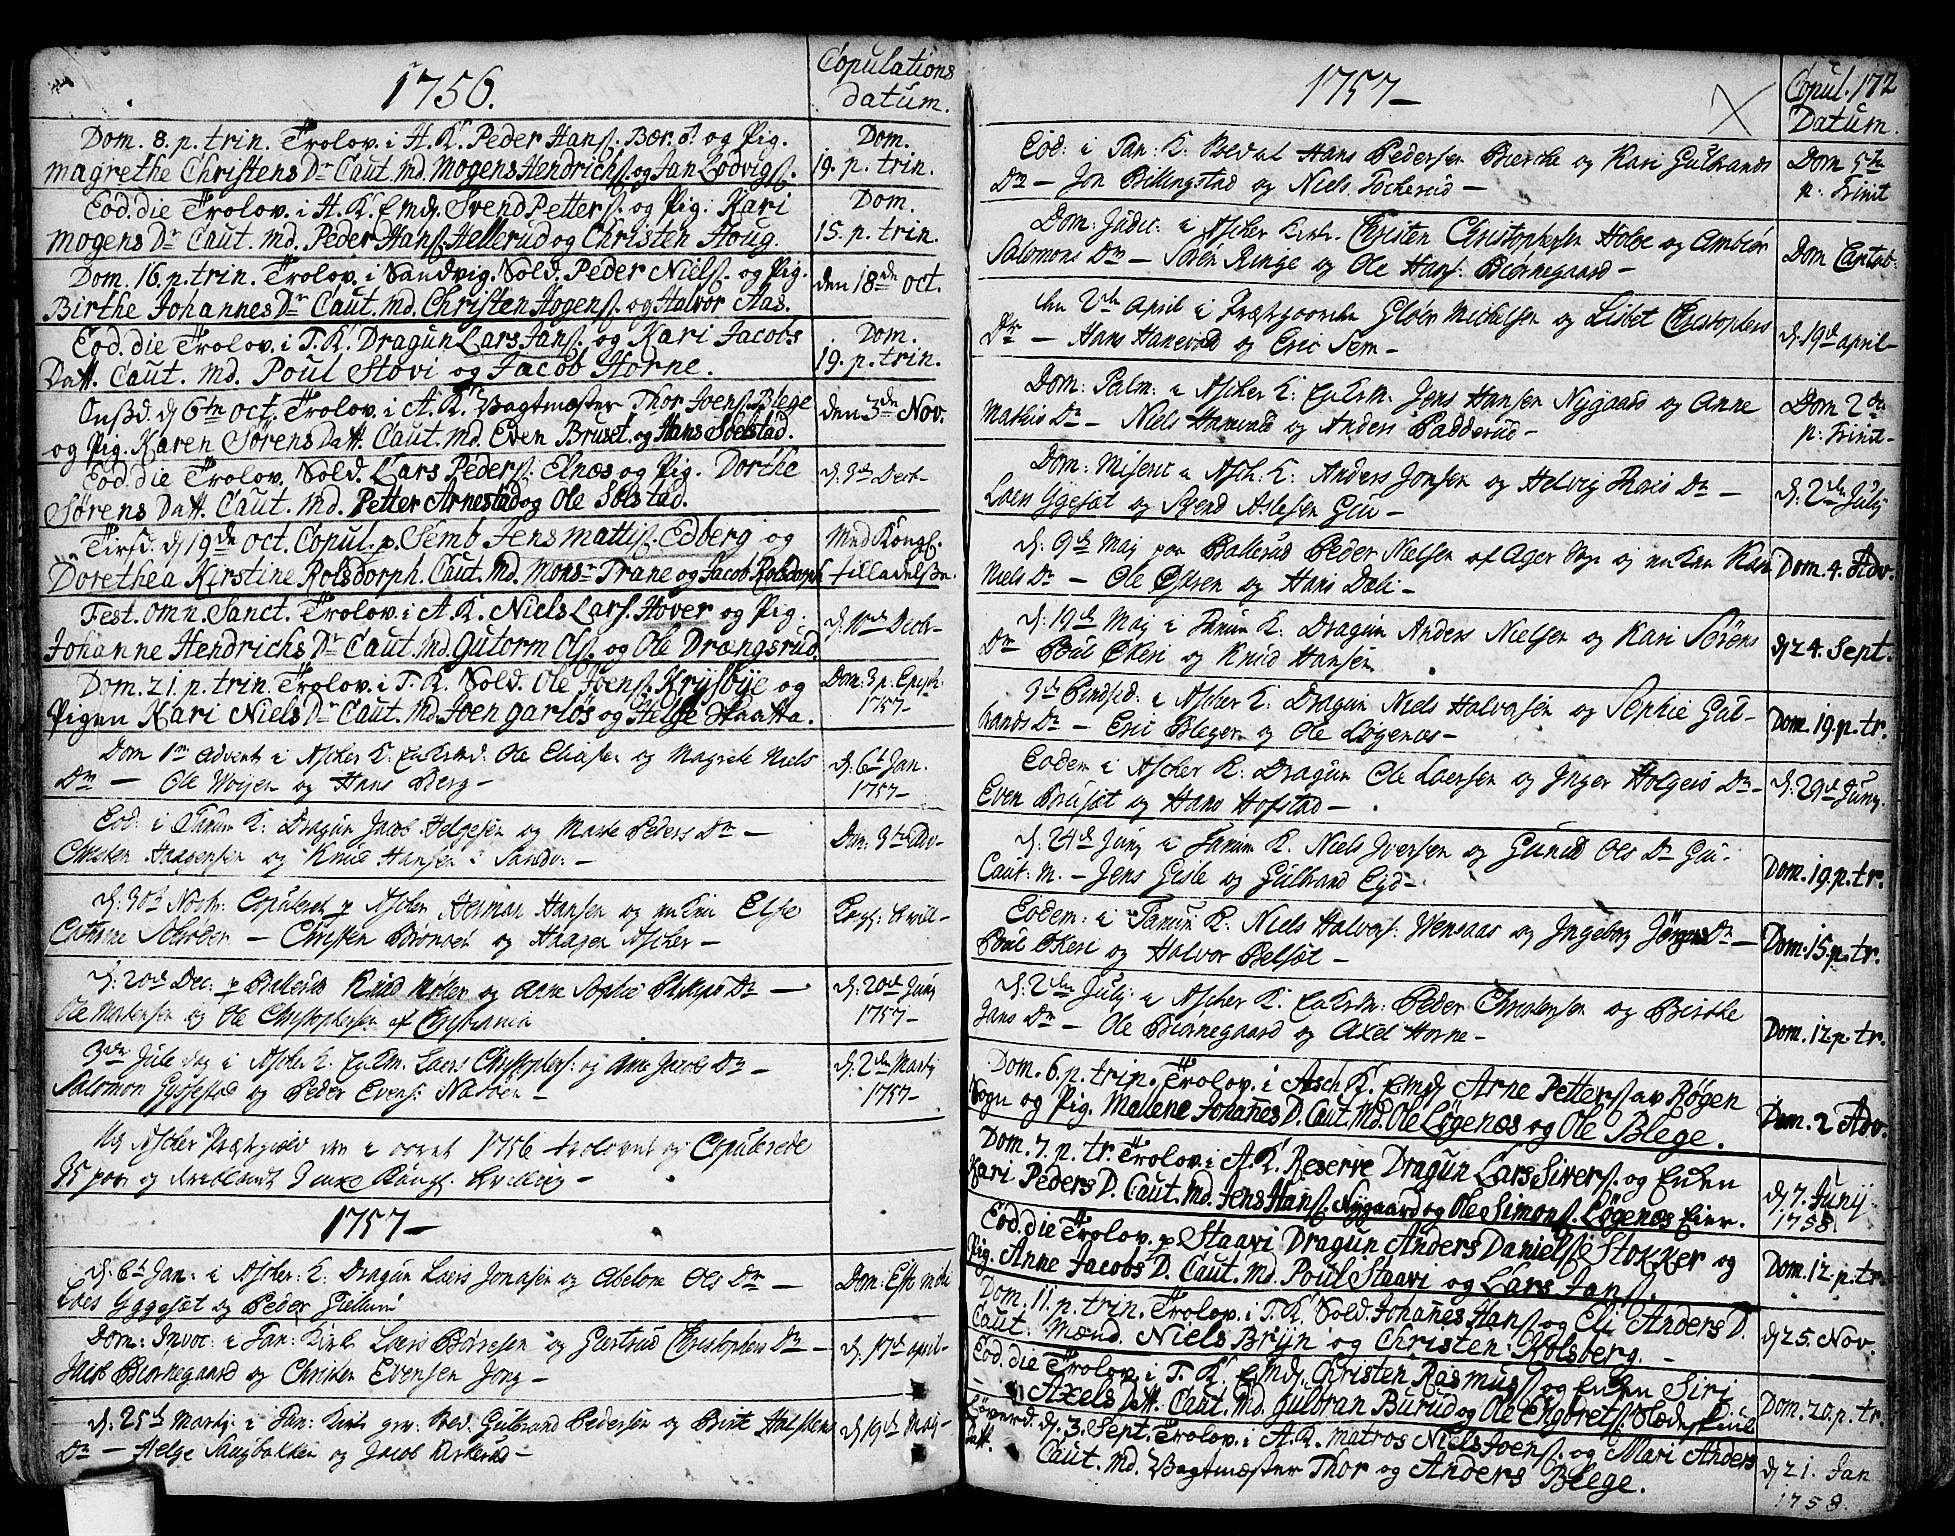 SAO, Asker prestekontor Kirkebøker, F/Fa/L0002: Ministerialbok nr. I 2, 1733-1766, s. 172